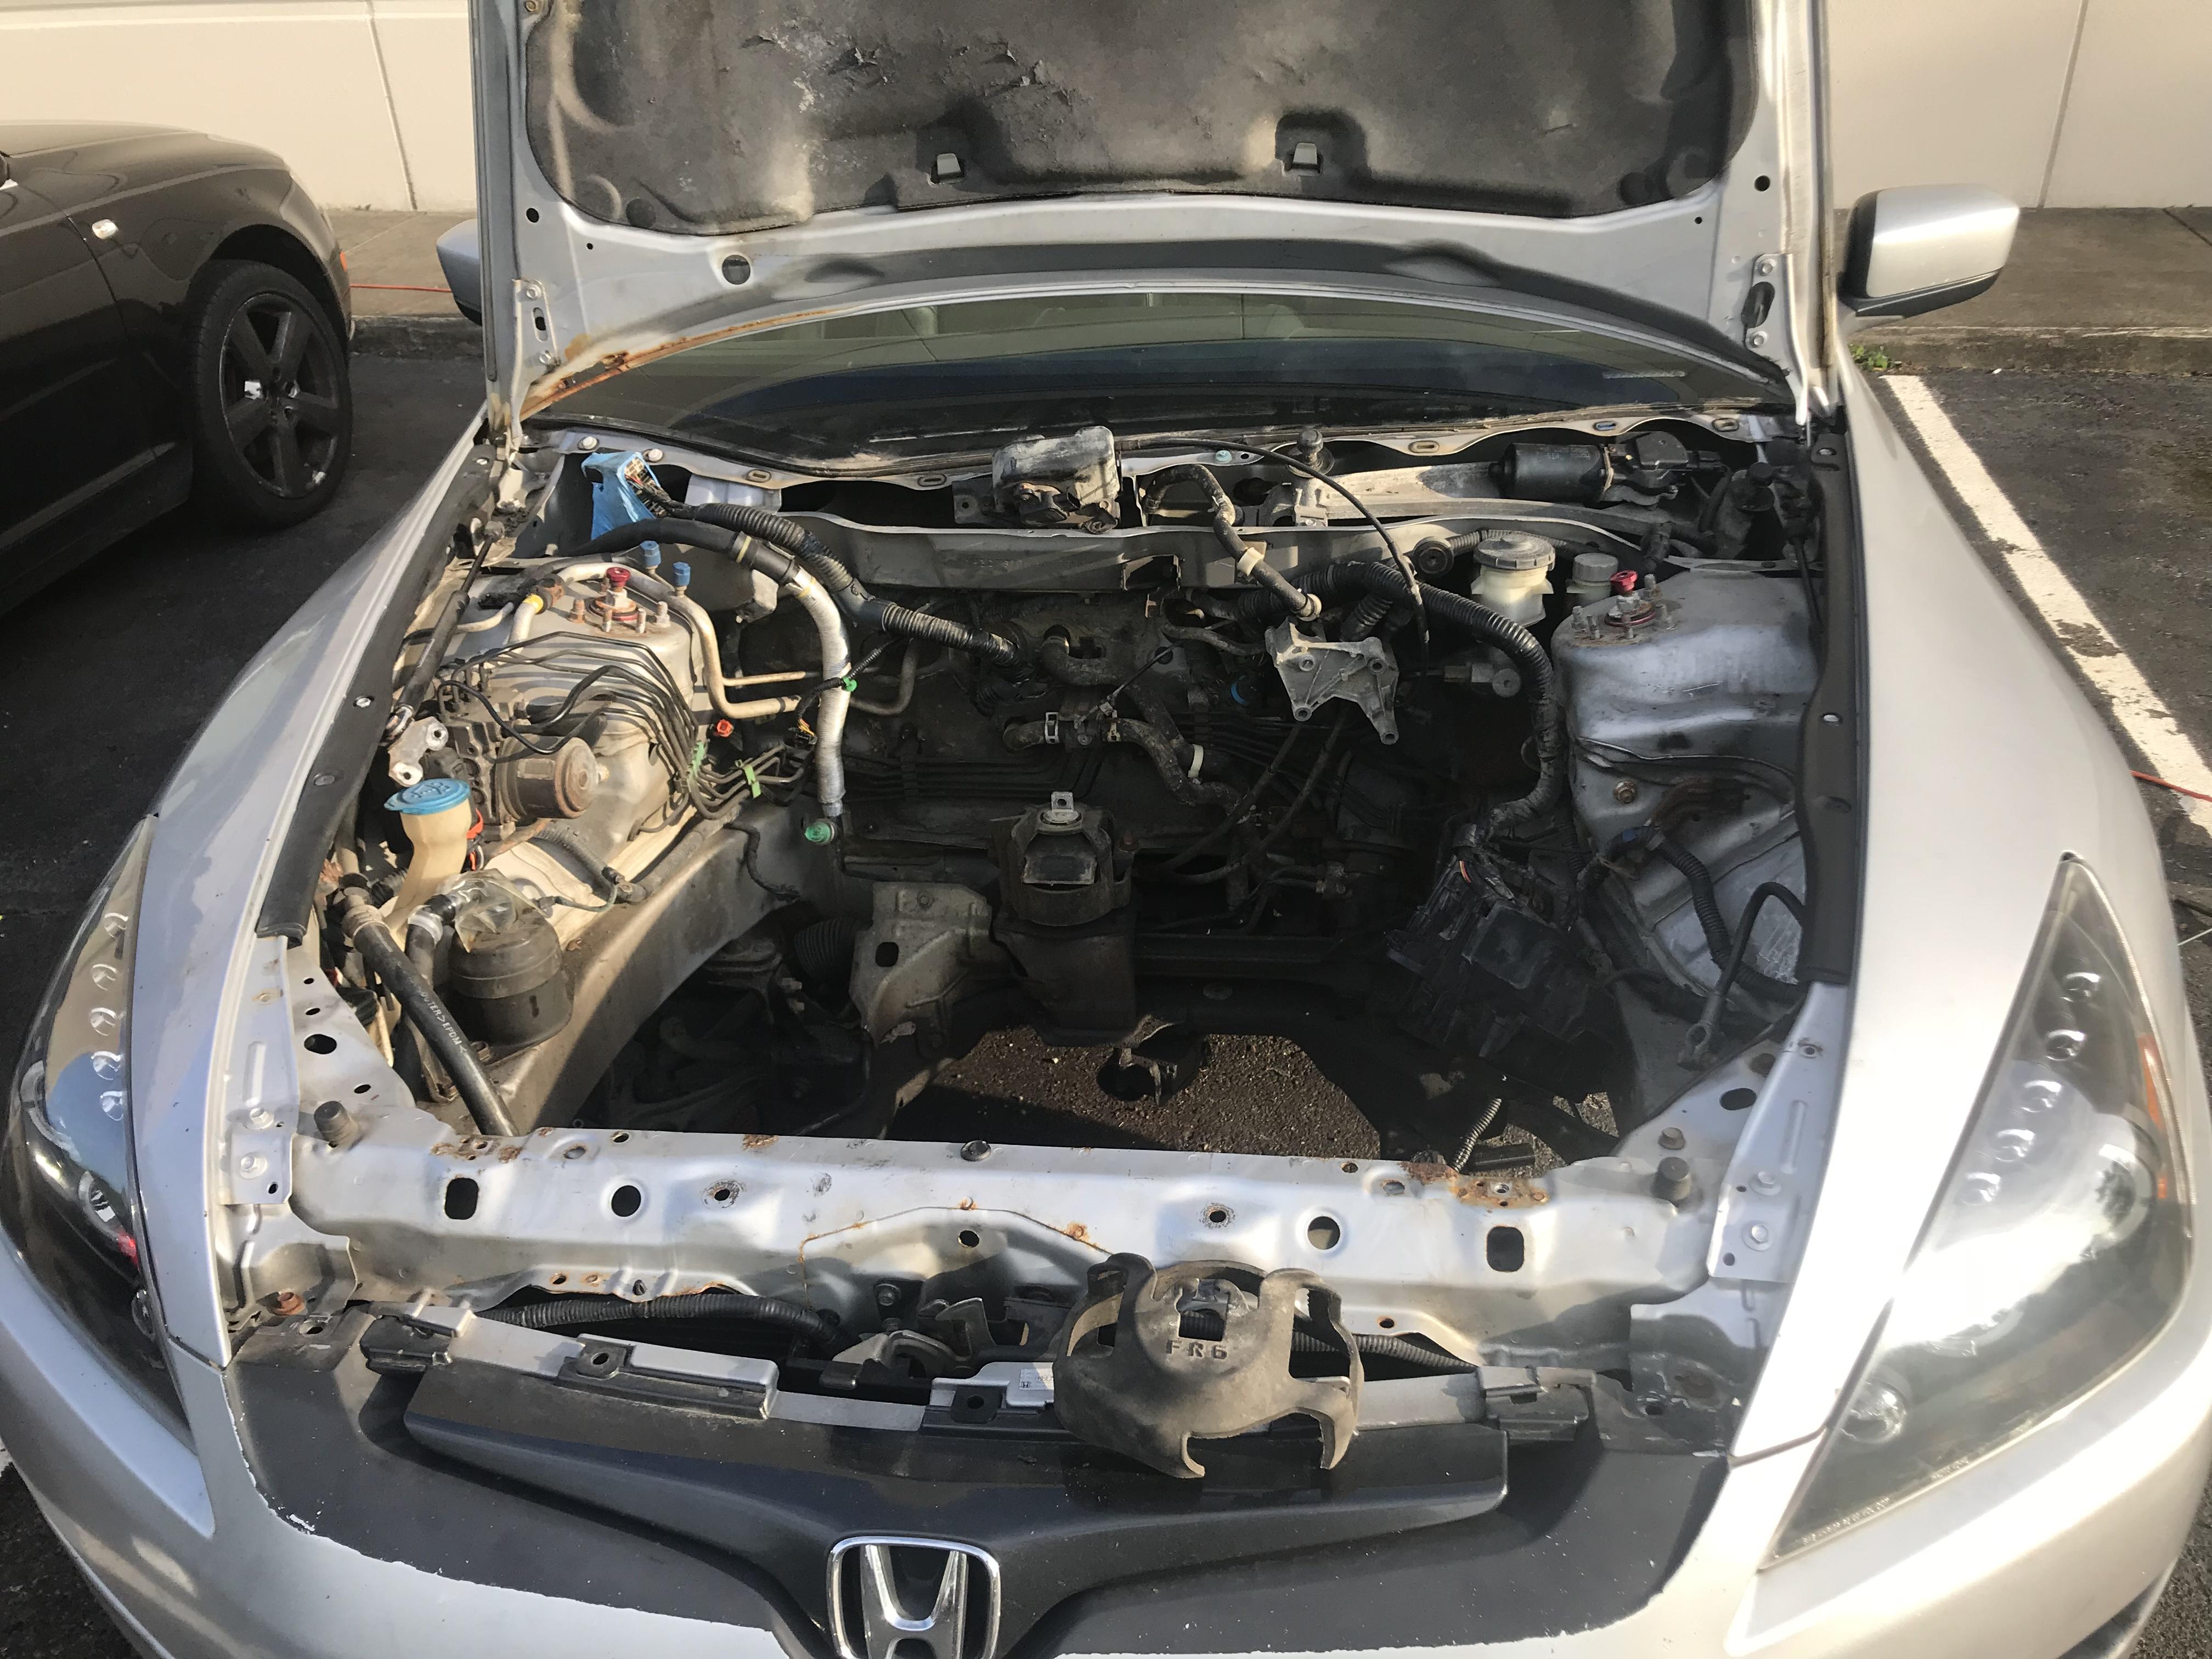 3.2 TL motor swapped success-1fbae3d6-79fb-4b40-83d1-4d882fea2472_1528999518486.jpeg